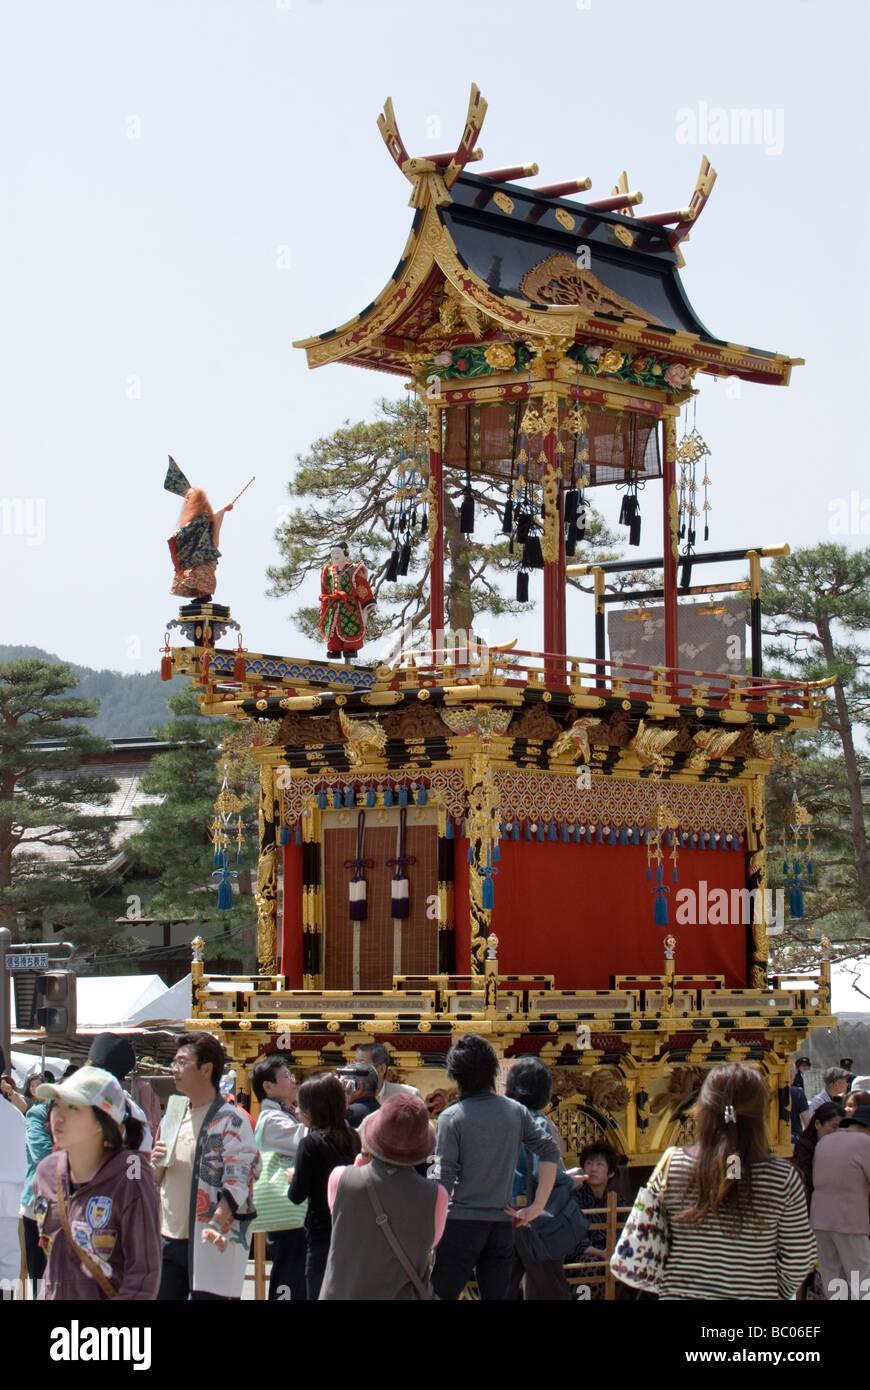 Eine aufwendige traditionelle Wagen oder Float ist auf dem Display während des Frühlingsfestes in Takayama Stockbild